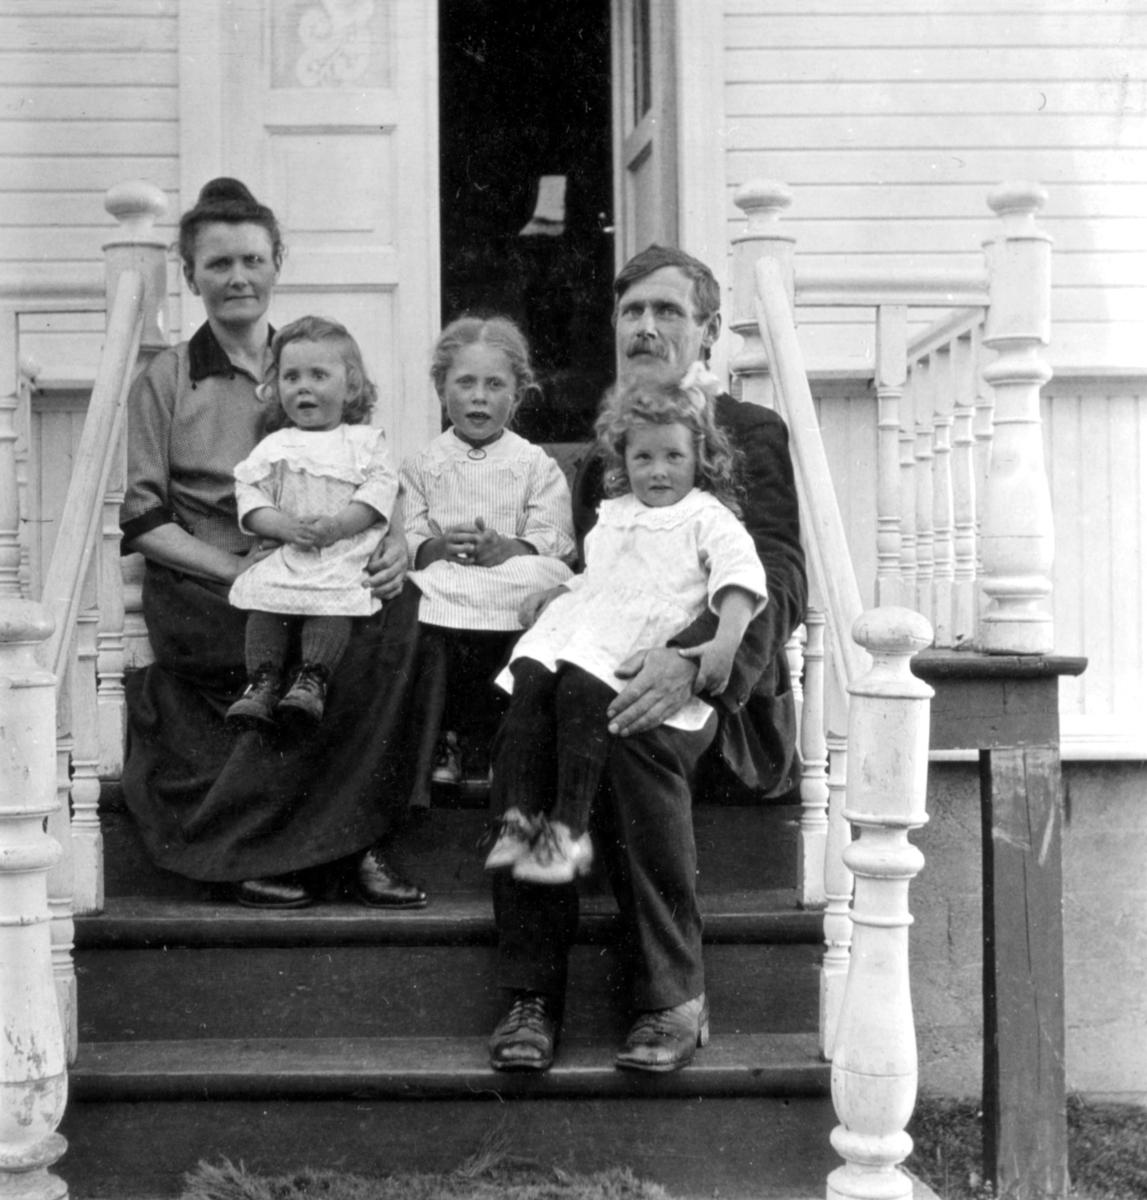 """""""I Bergsfjord. Onkel Hagbart og tante Anna. Hellgjerd (eldst), Annfrid og Nelly (yngst)."""" Barna i bildet er kledd i kjoler. Gruppen sitter på en trapp. Hagbart Hansen var fotografens bror, og Anna hans kone."""